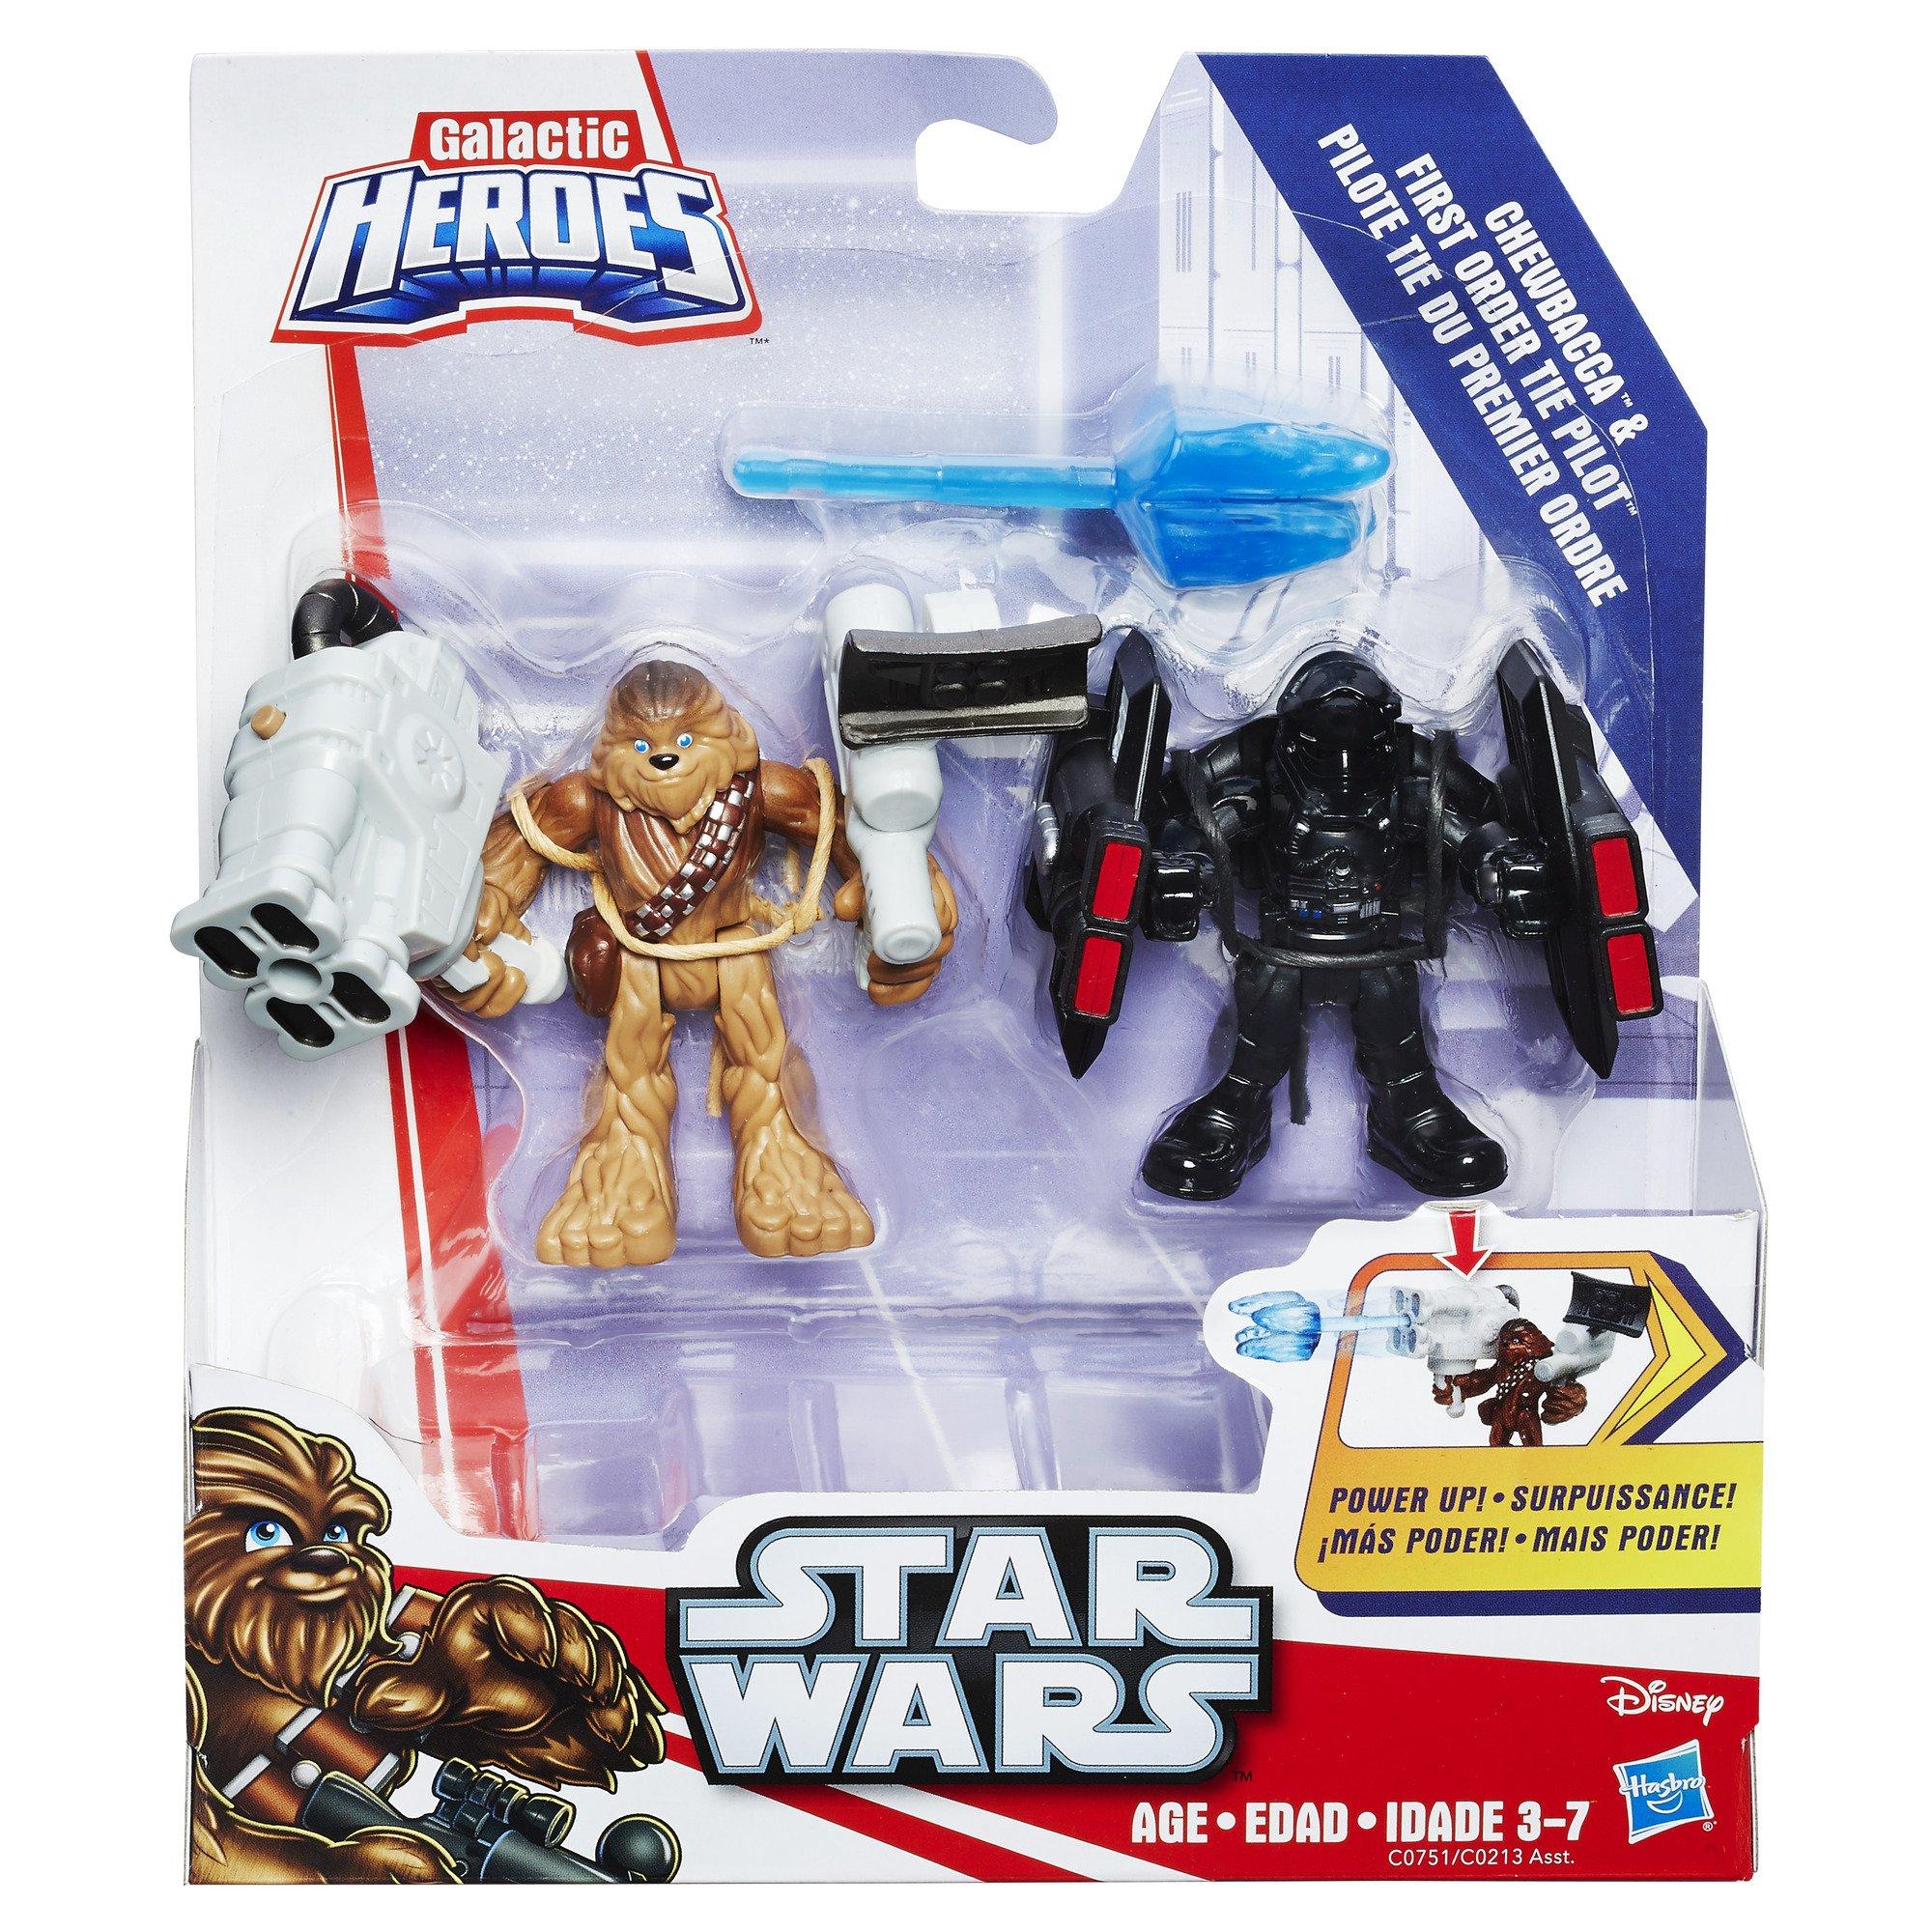 Playskool Heroes Galactic Heroes Star Wars First Order TIE Fighter Brand New